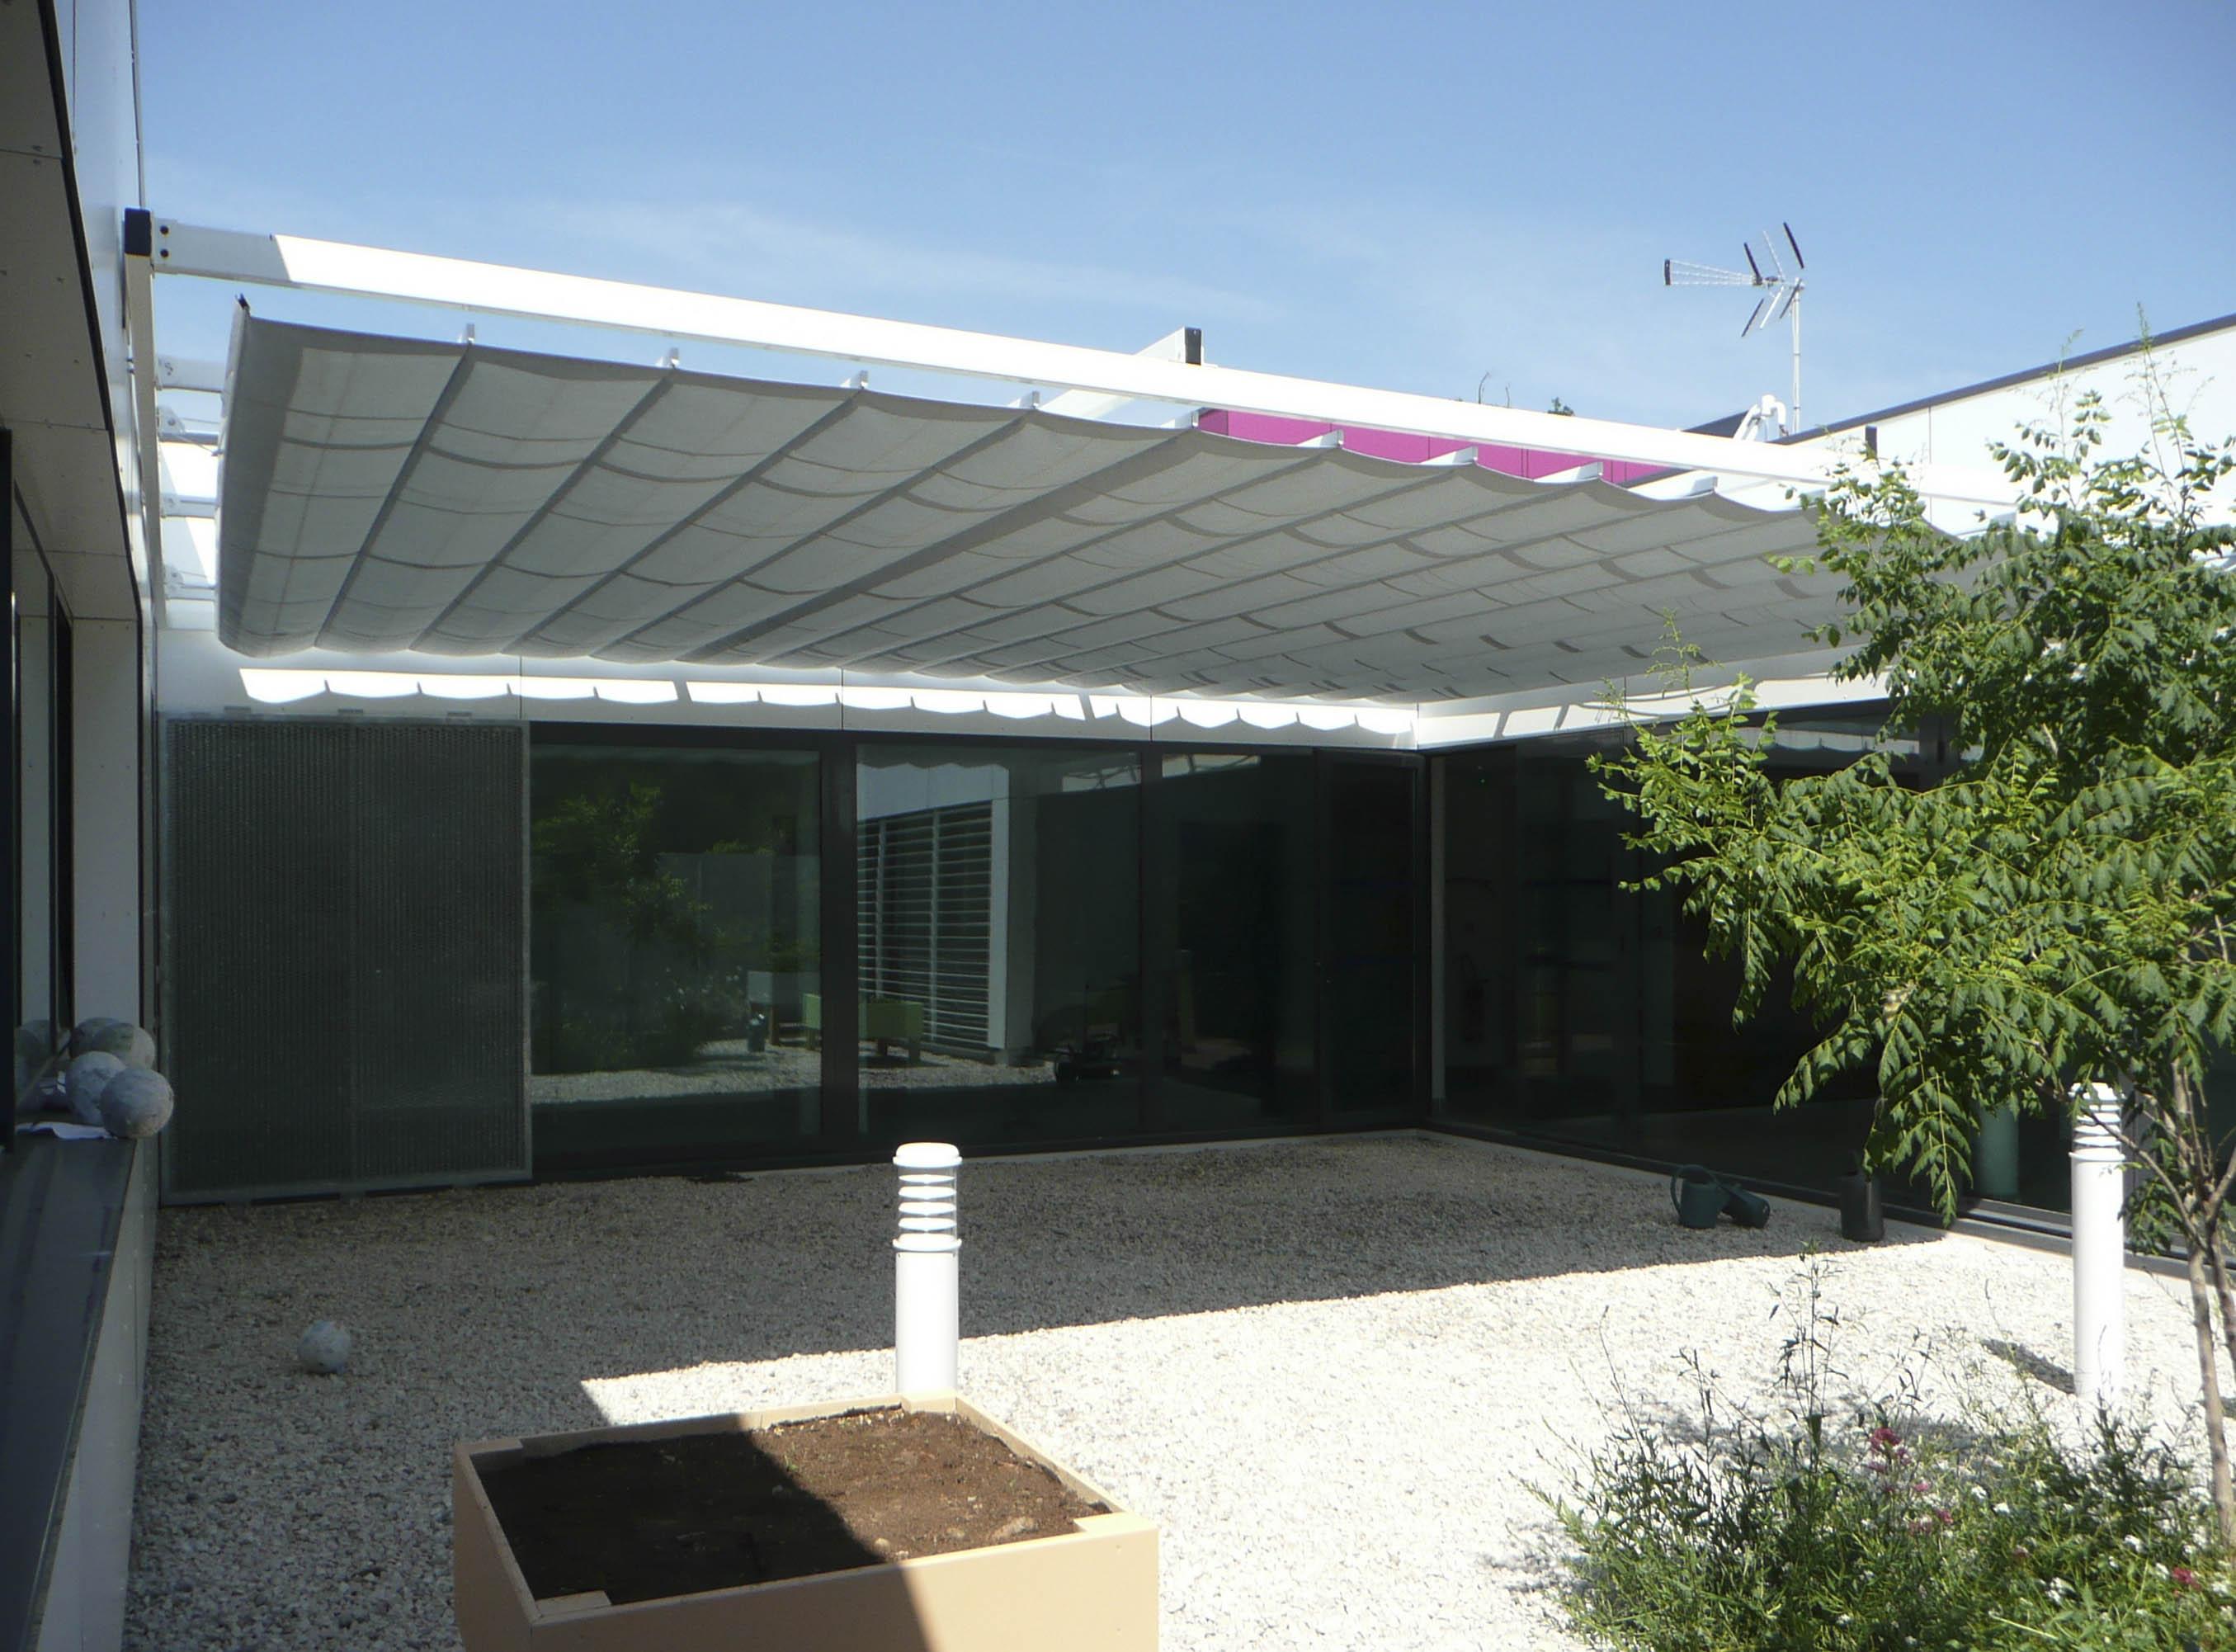 Maison de quartier Béziers BF Architecture 8